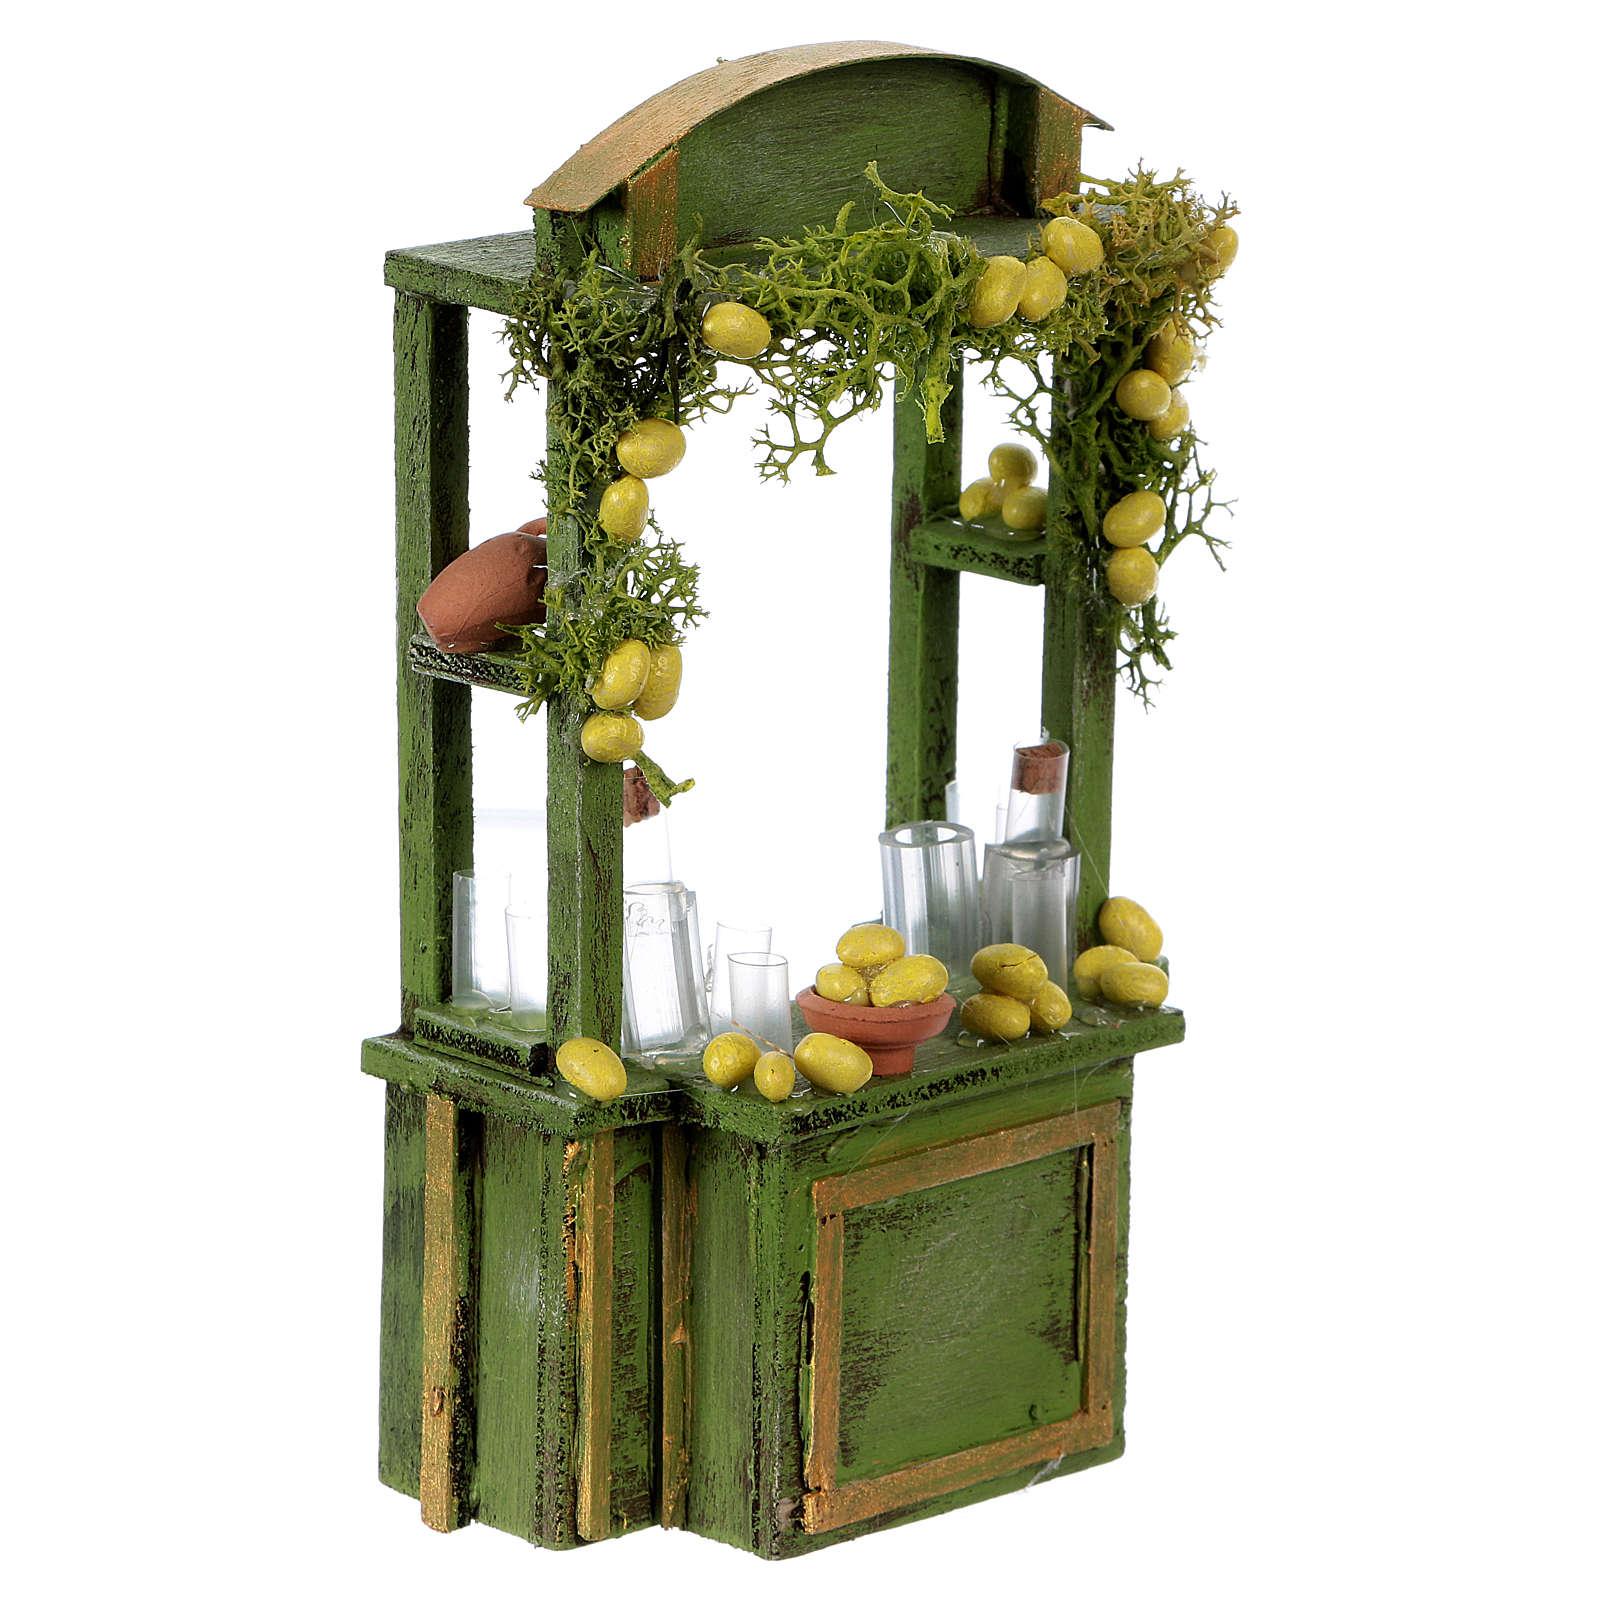 Lemonade stand for Neapolitan Nativity Scene 15 cm tall 4